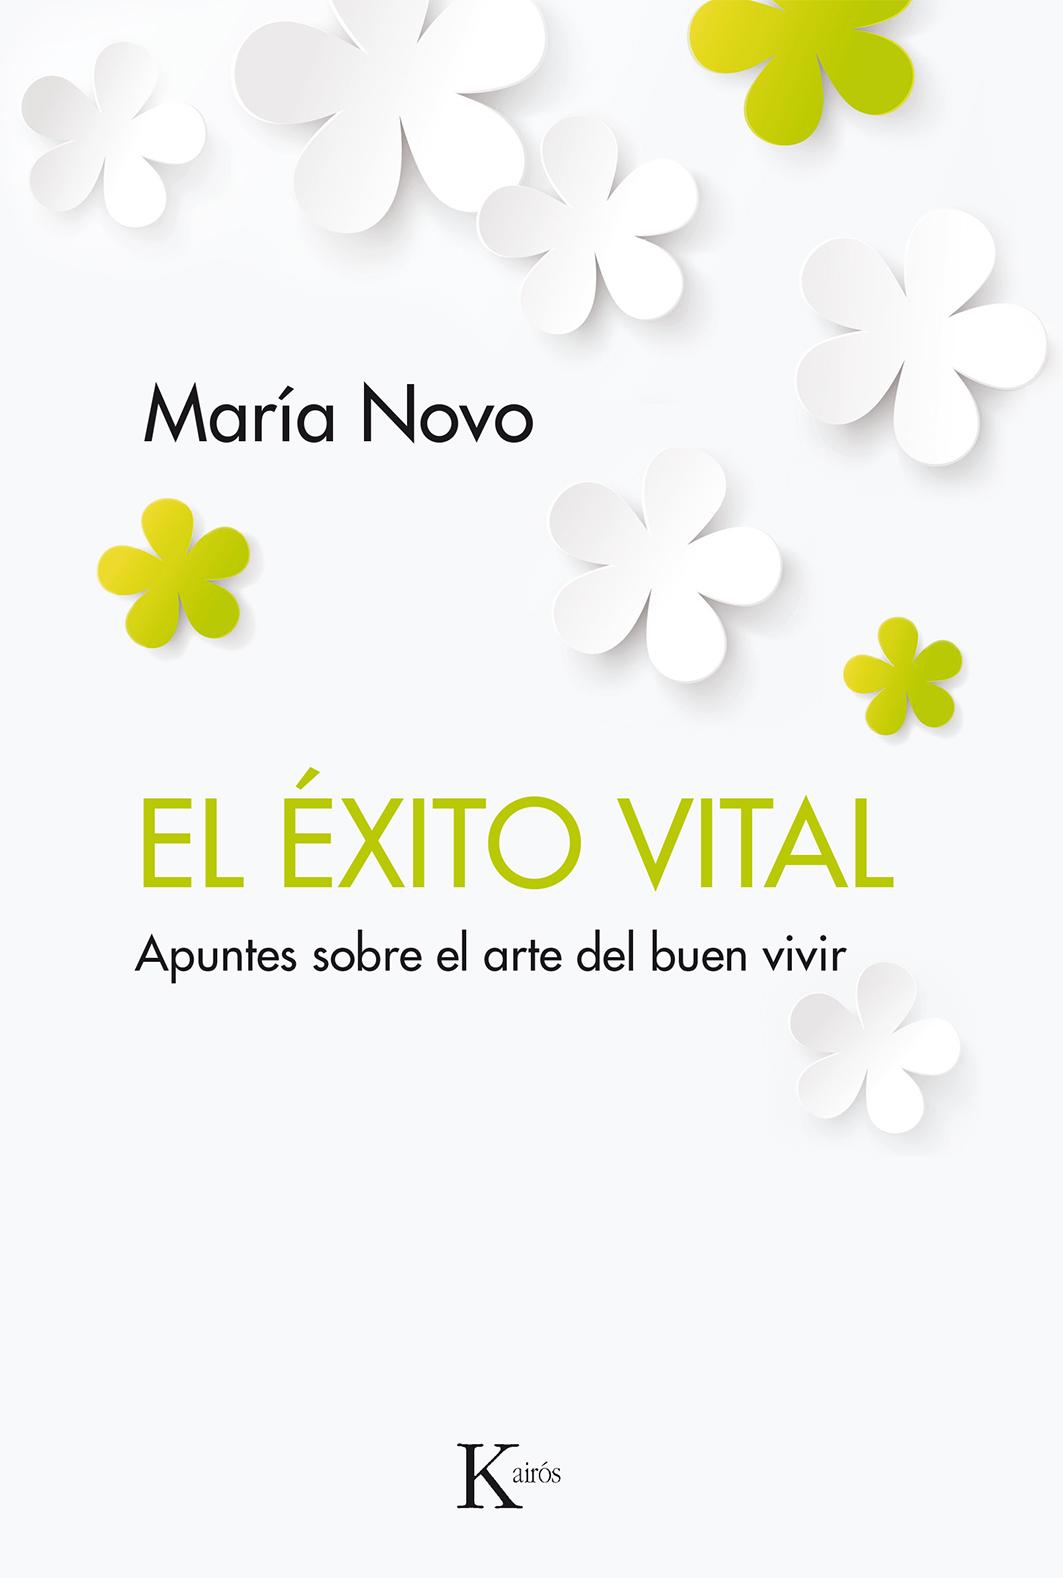 El_Exito_vital_.jpg